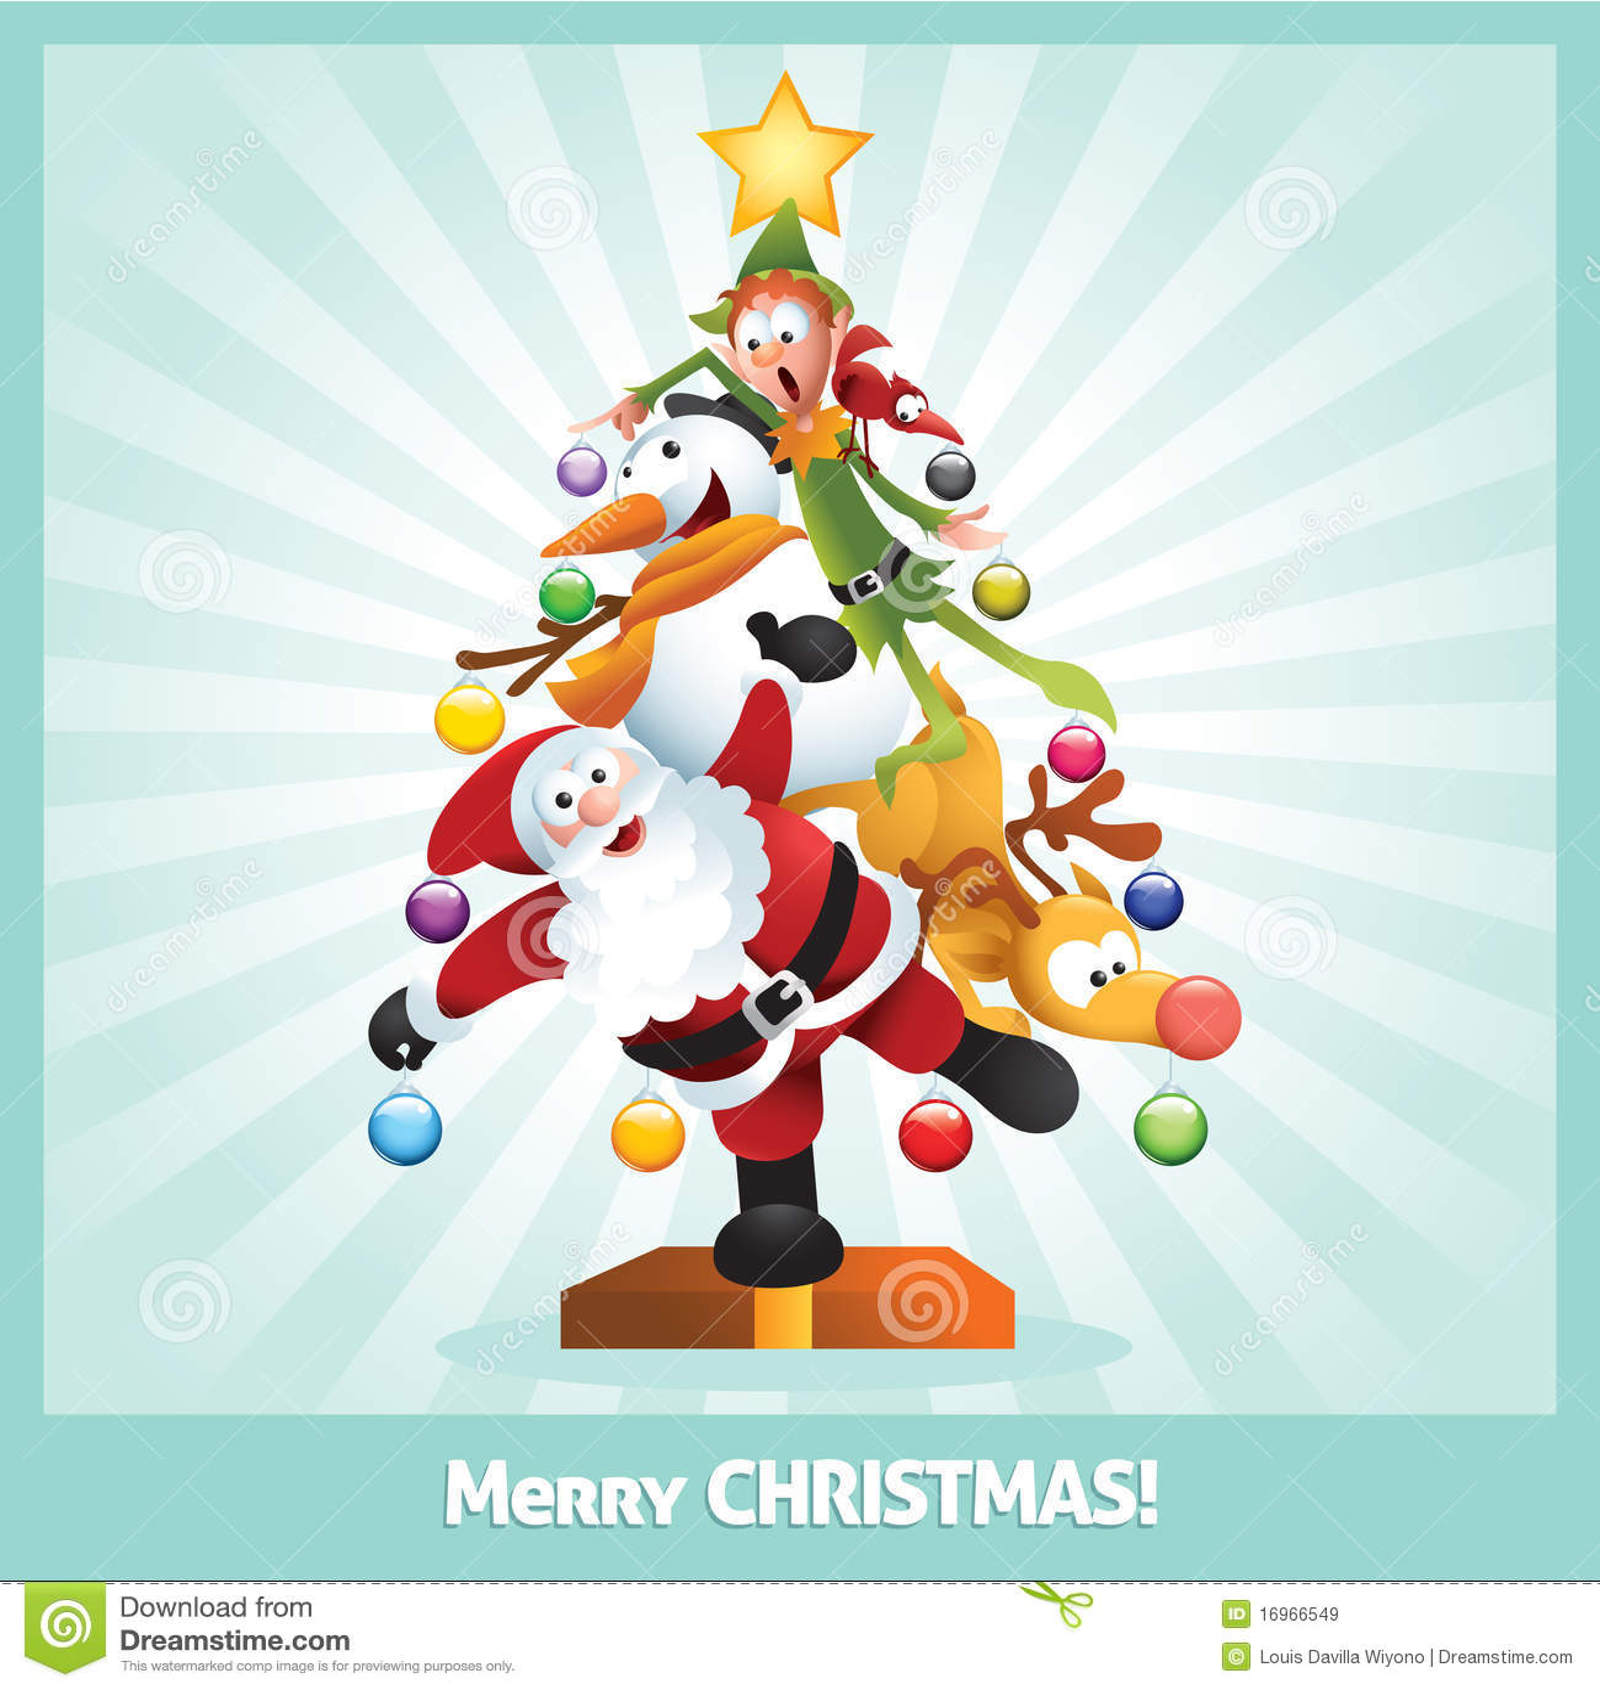 Lustige weihnachtskarten karikatur collage vektor abbildung illustration von rudolph vogel - Weihnachtskarten download ...